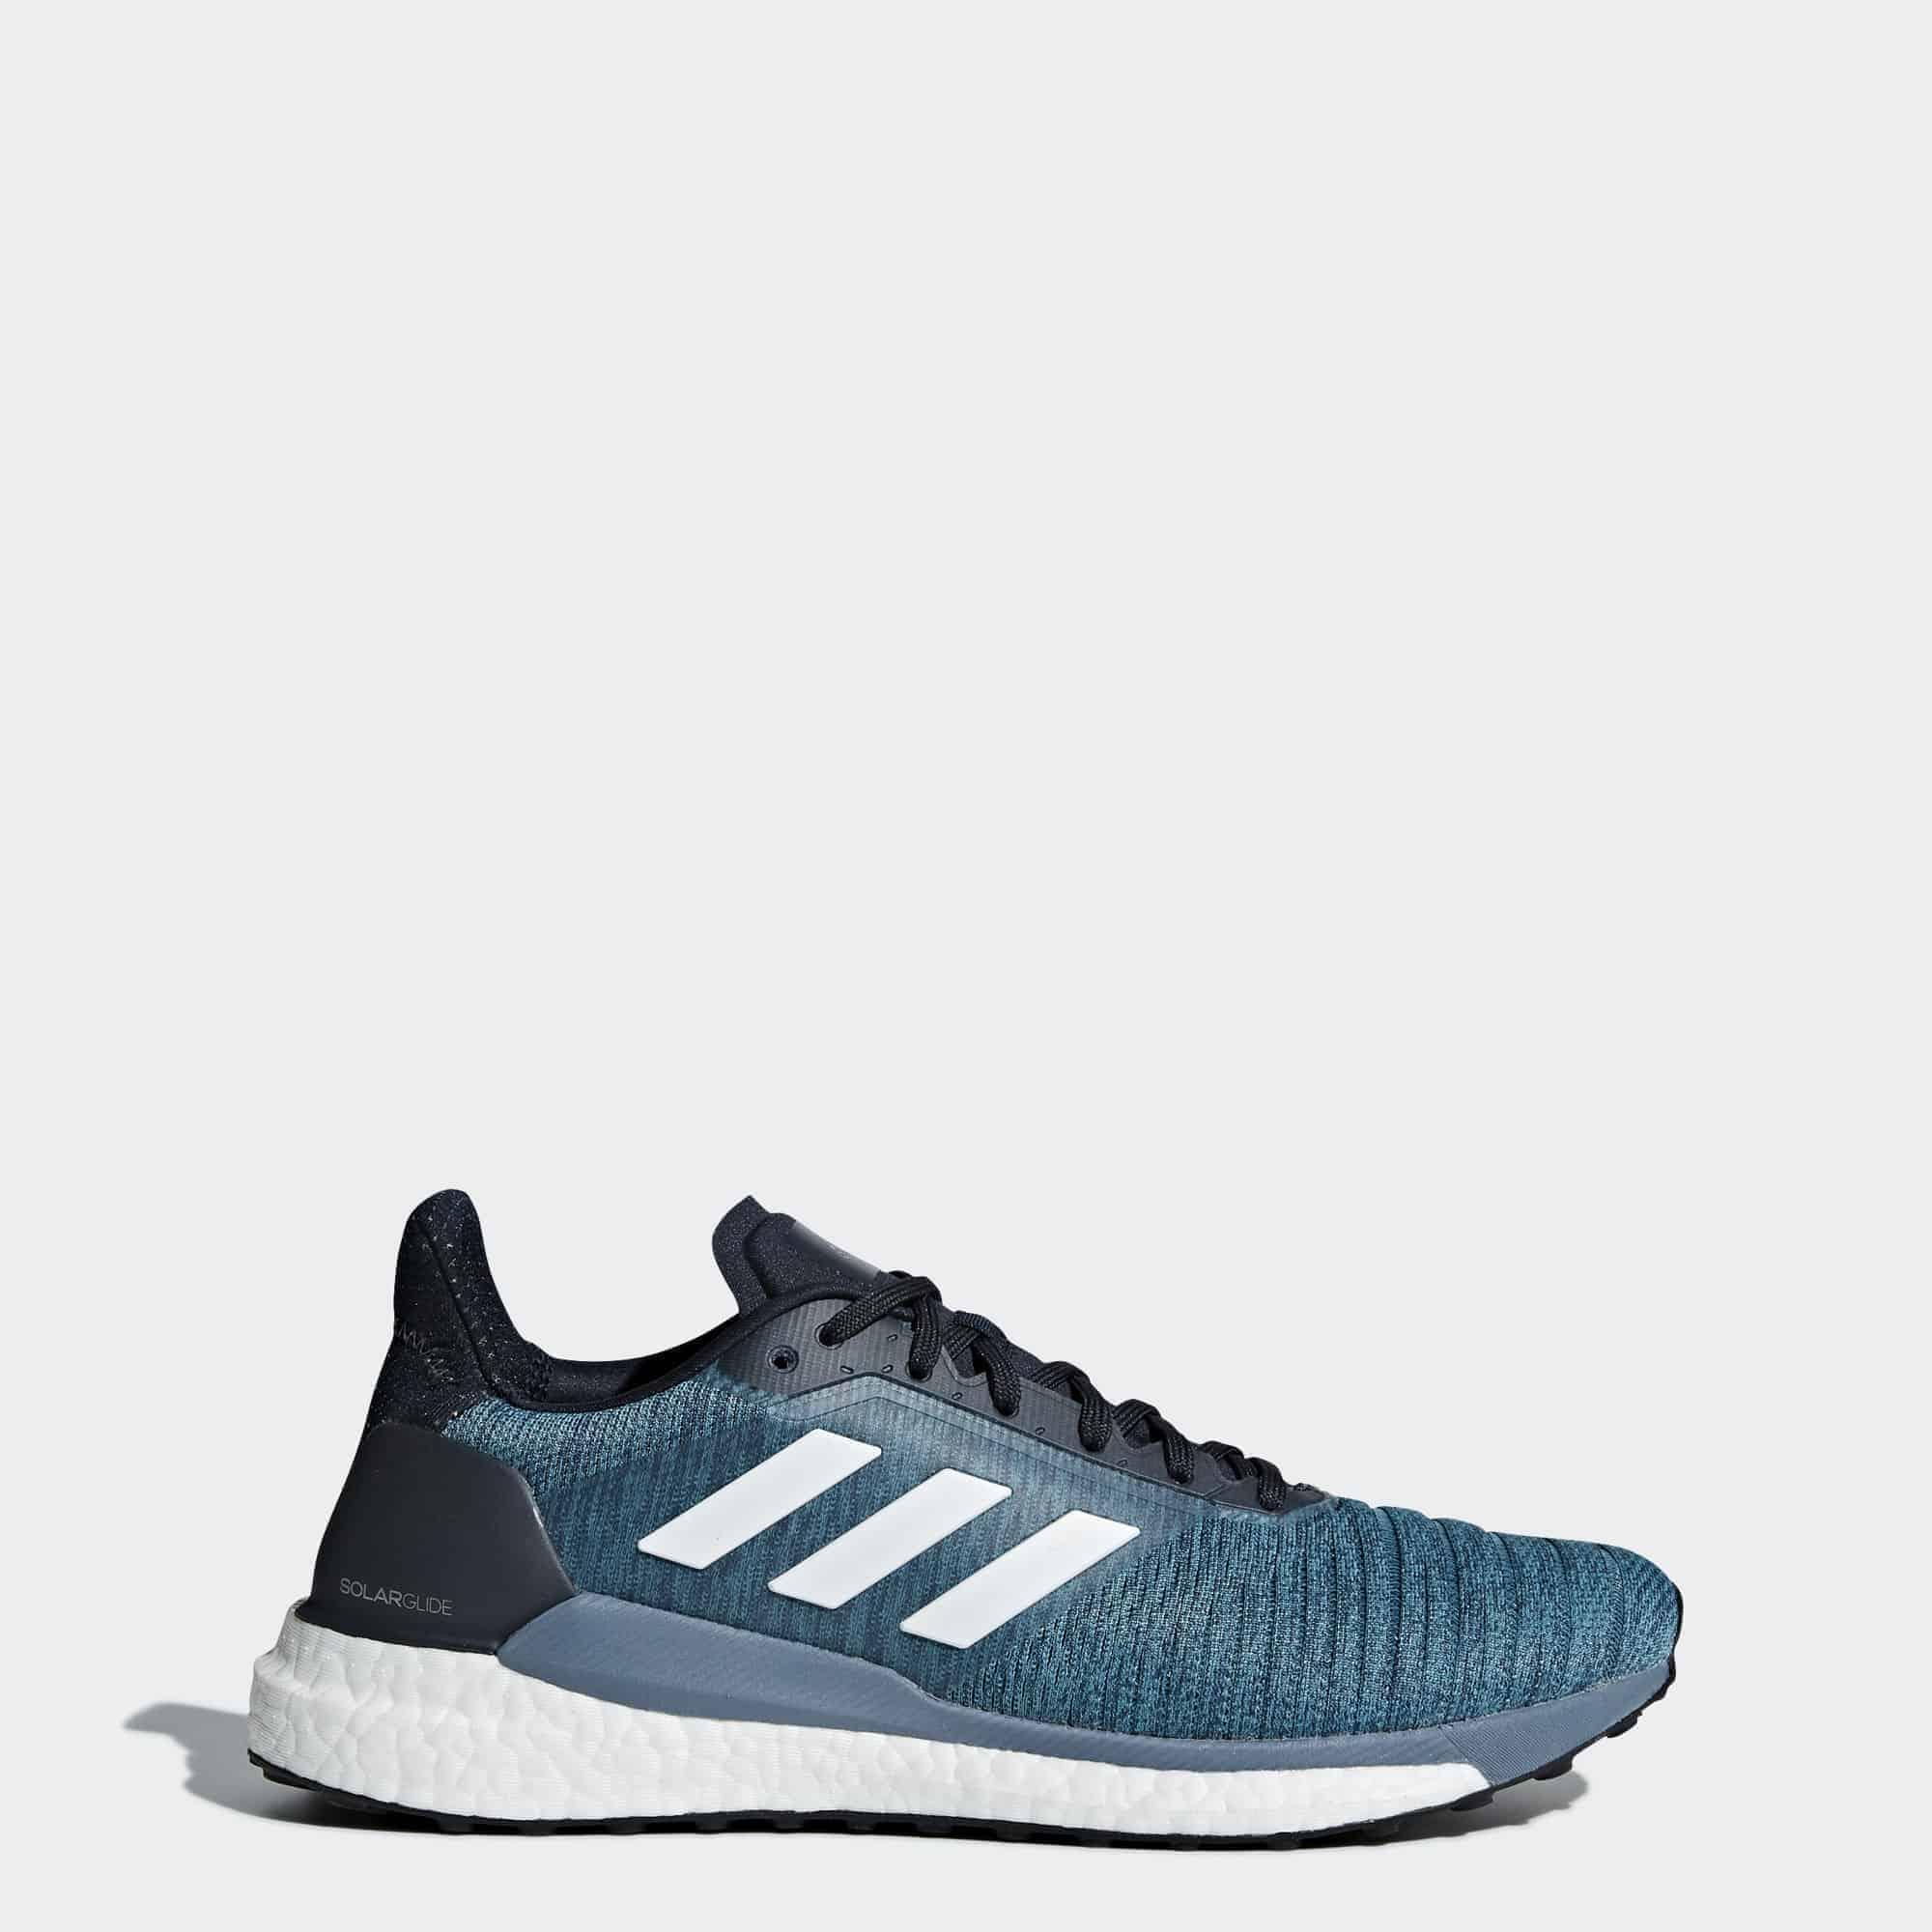 Кроссовки для бега Adidas Solar Glide мужские